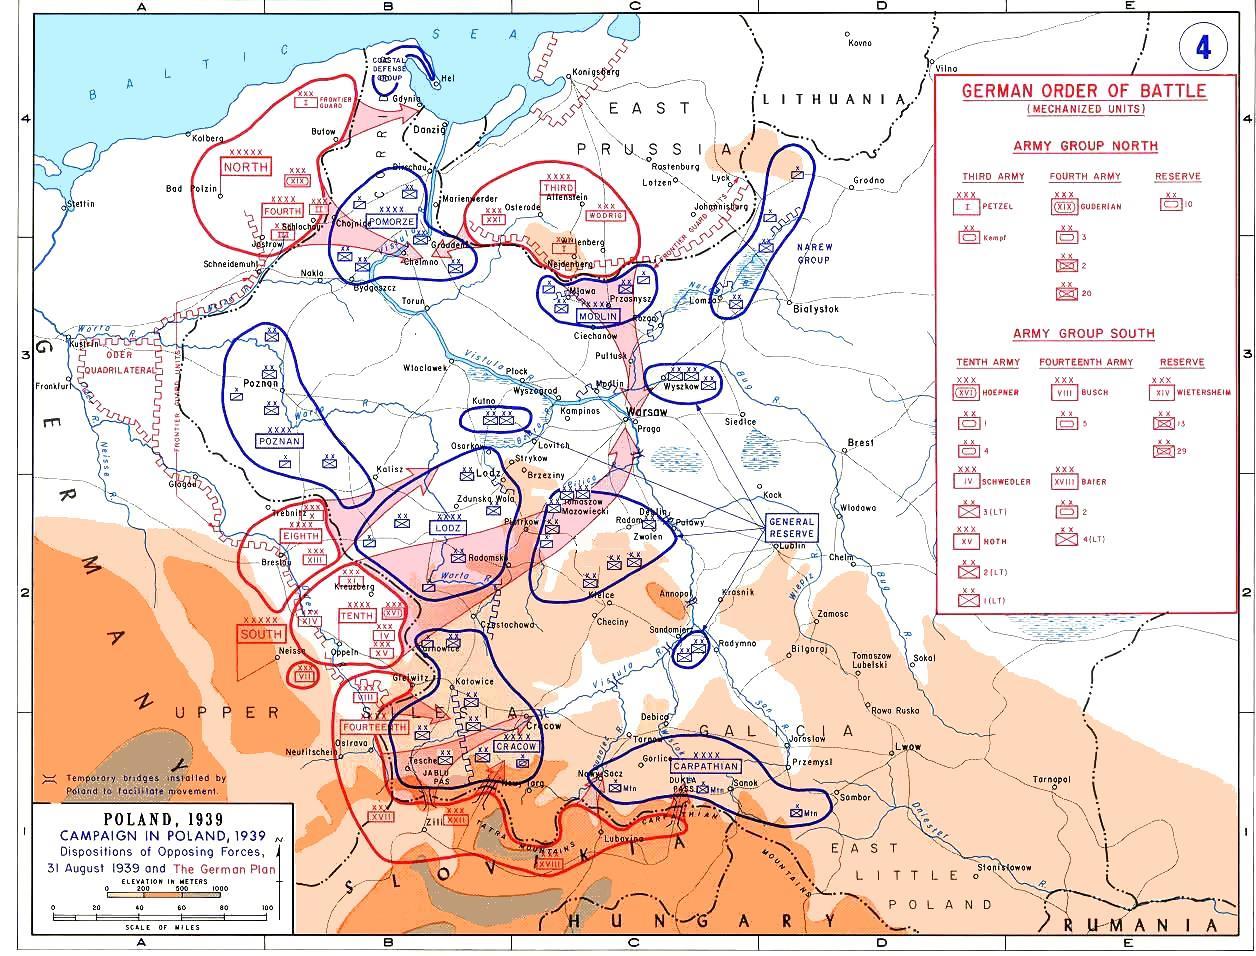 Campaign in Poland, 1939